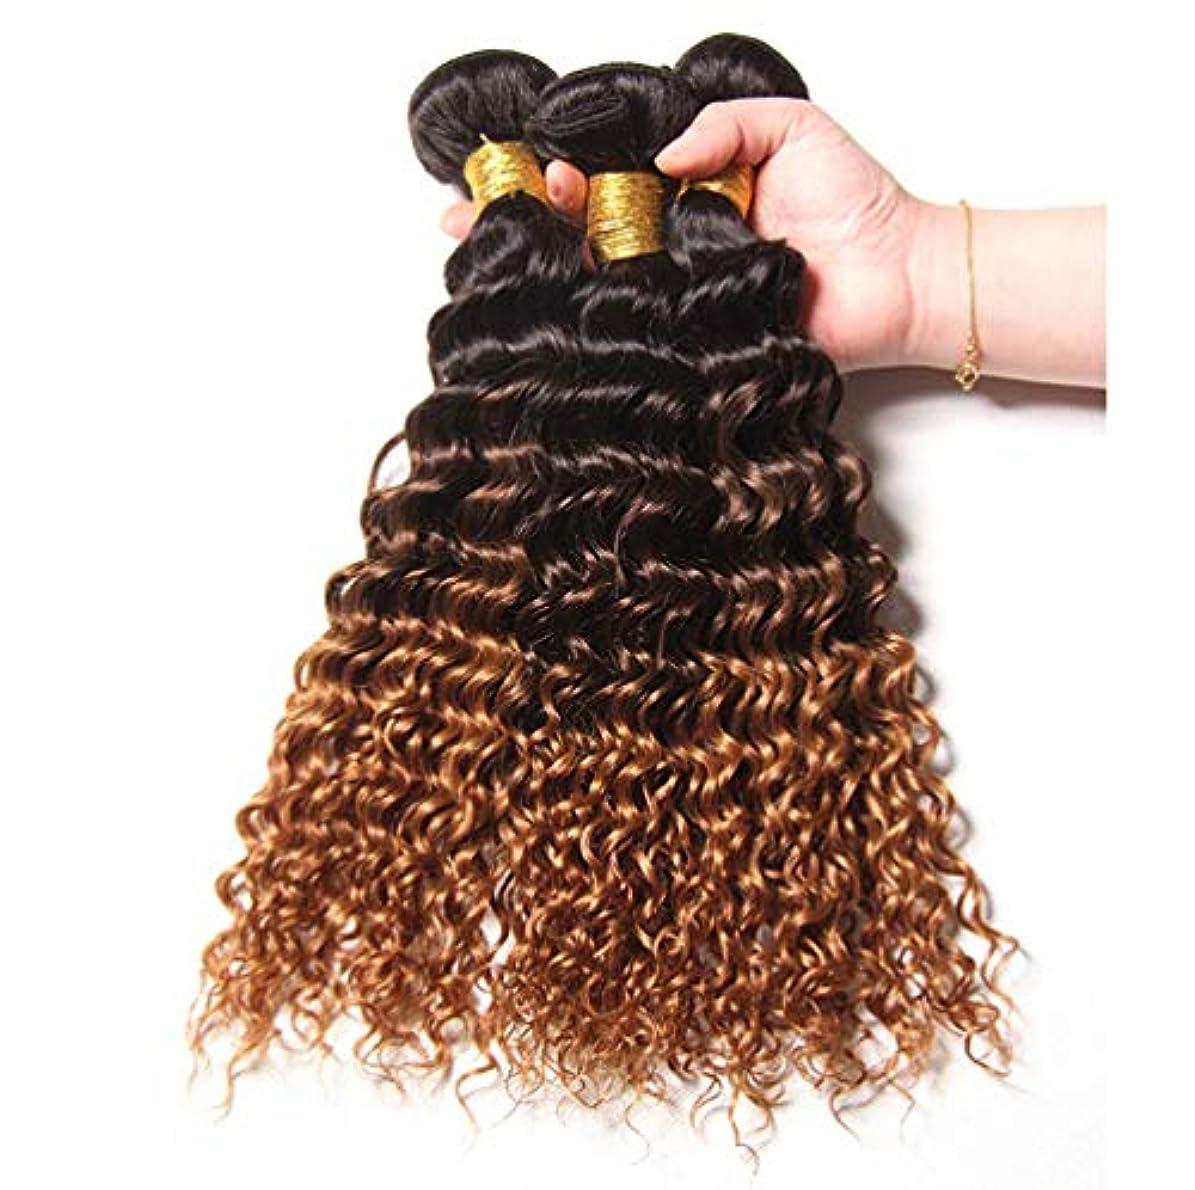 ブラジルの人間の髪の毛の織りの巻き毛の束オンブルの巻き毛の束人間の髪の毛の束深い巻き毛(3束)